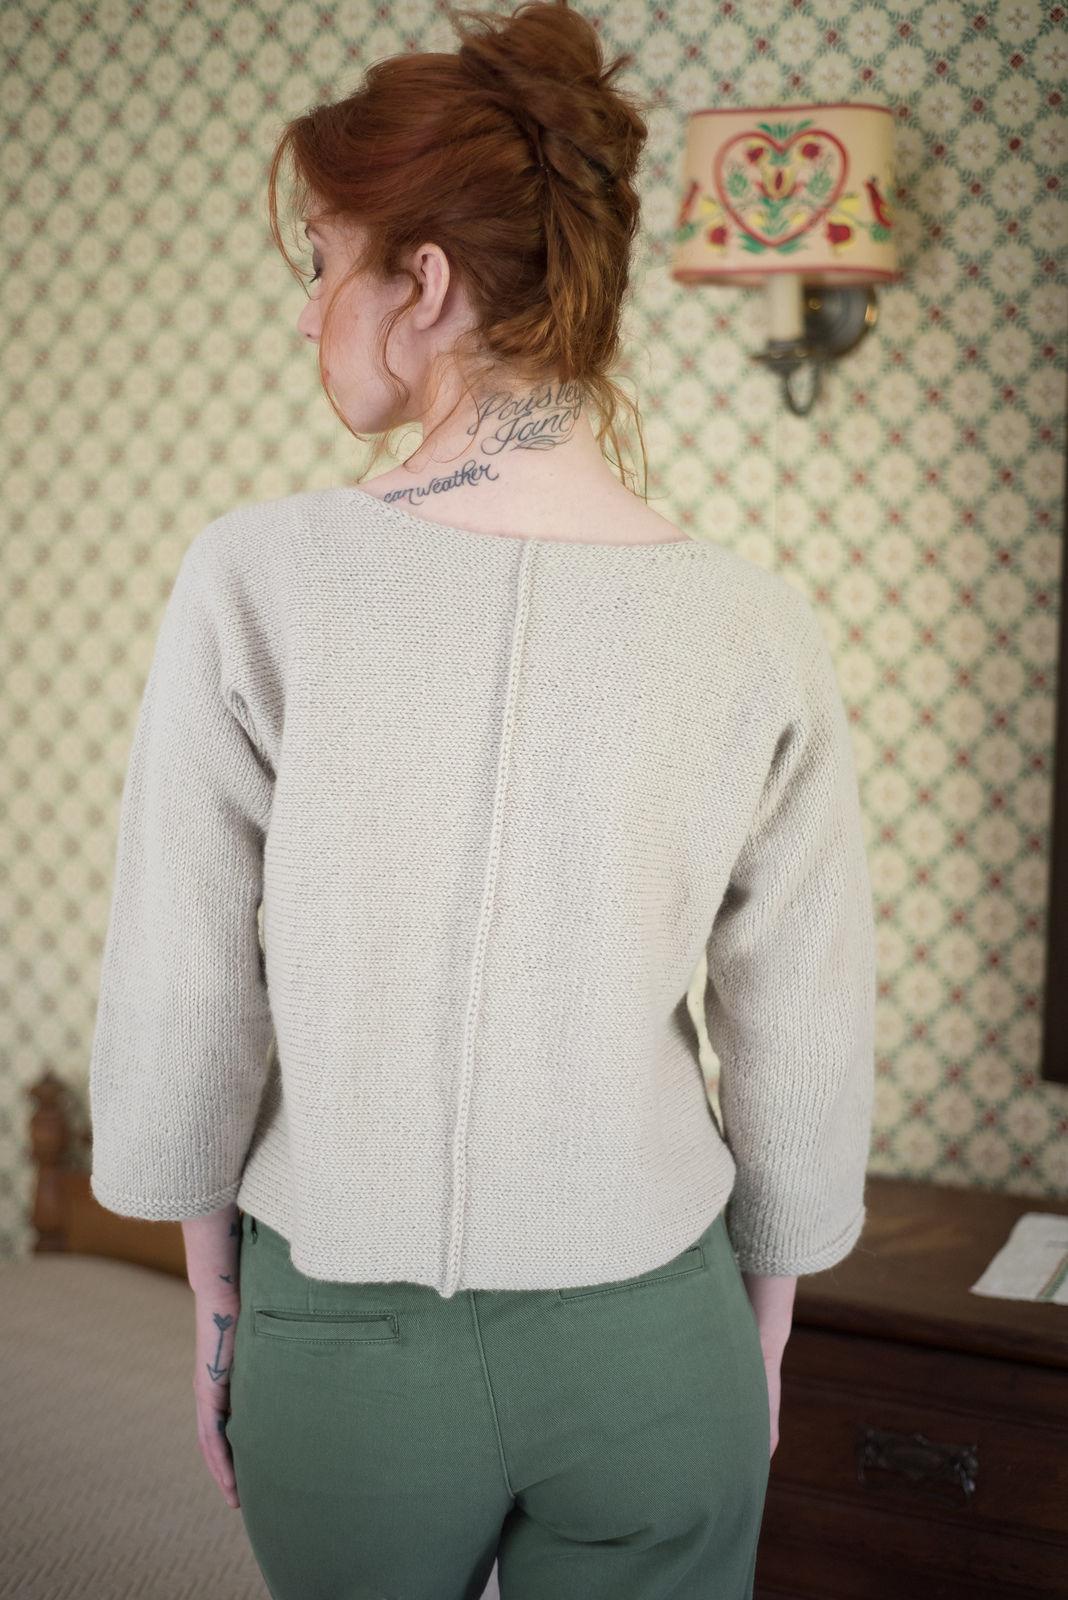 Women's knit pullover Bay. Free written pattern. 3